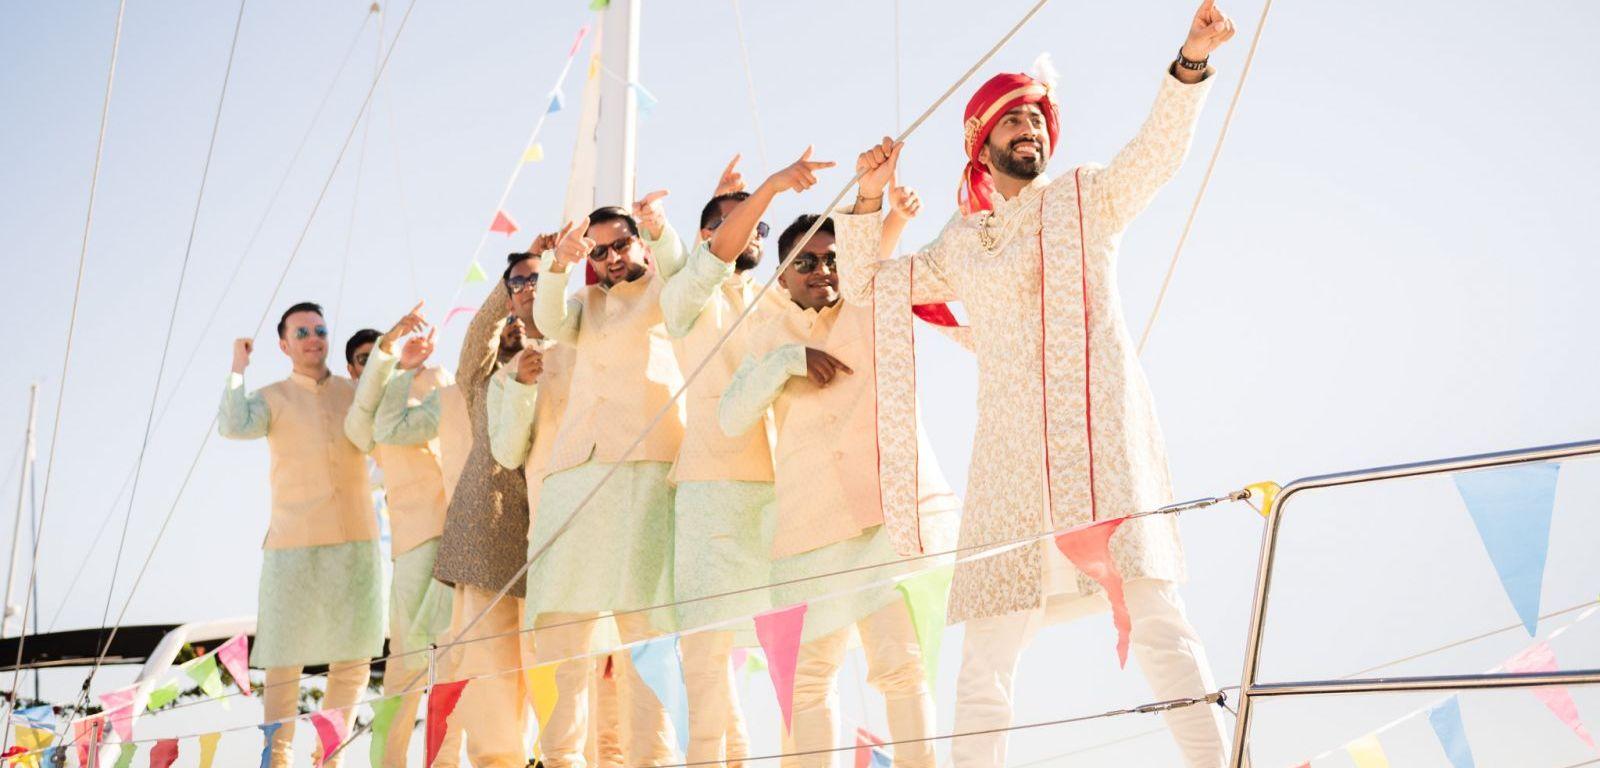 Indian wedding baraat on a boat